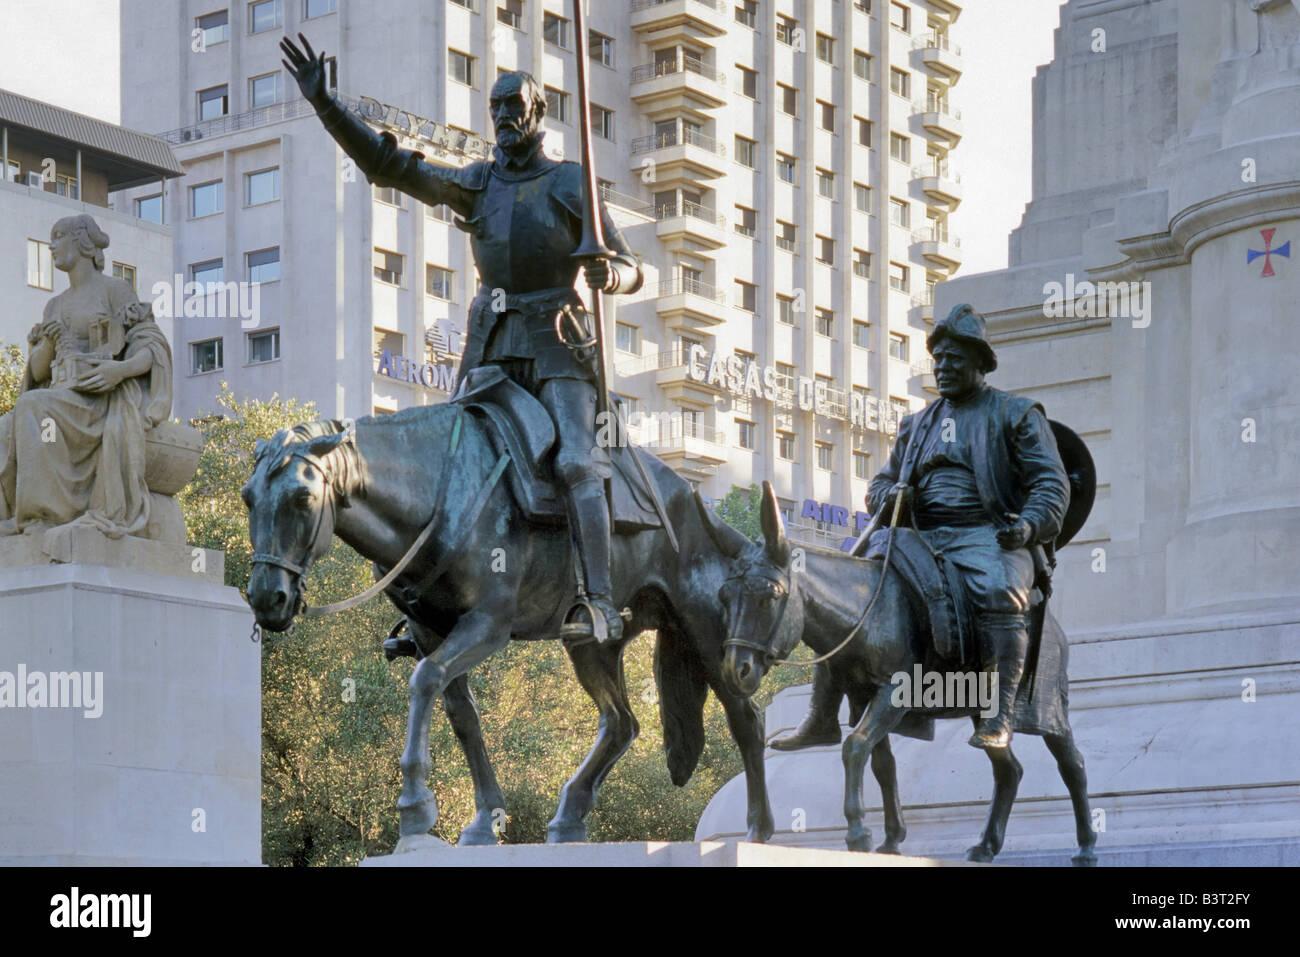 Don Quixote, Sancho Panza statues at Plaza de Espana, Madrid, Spain ...